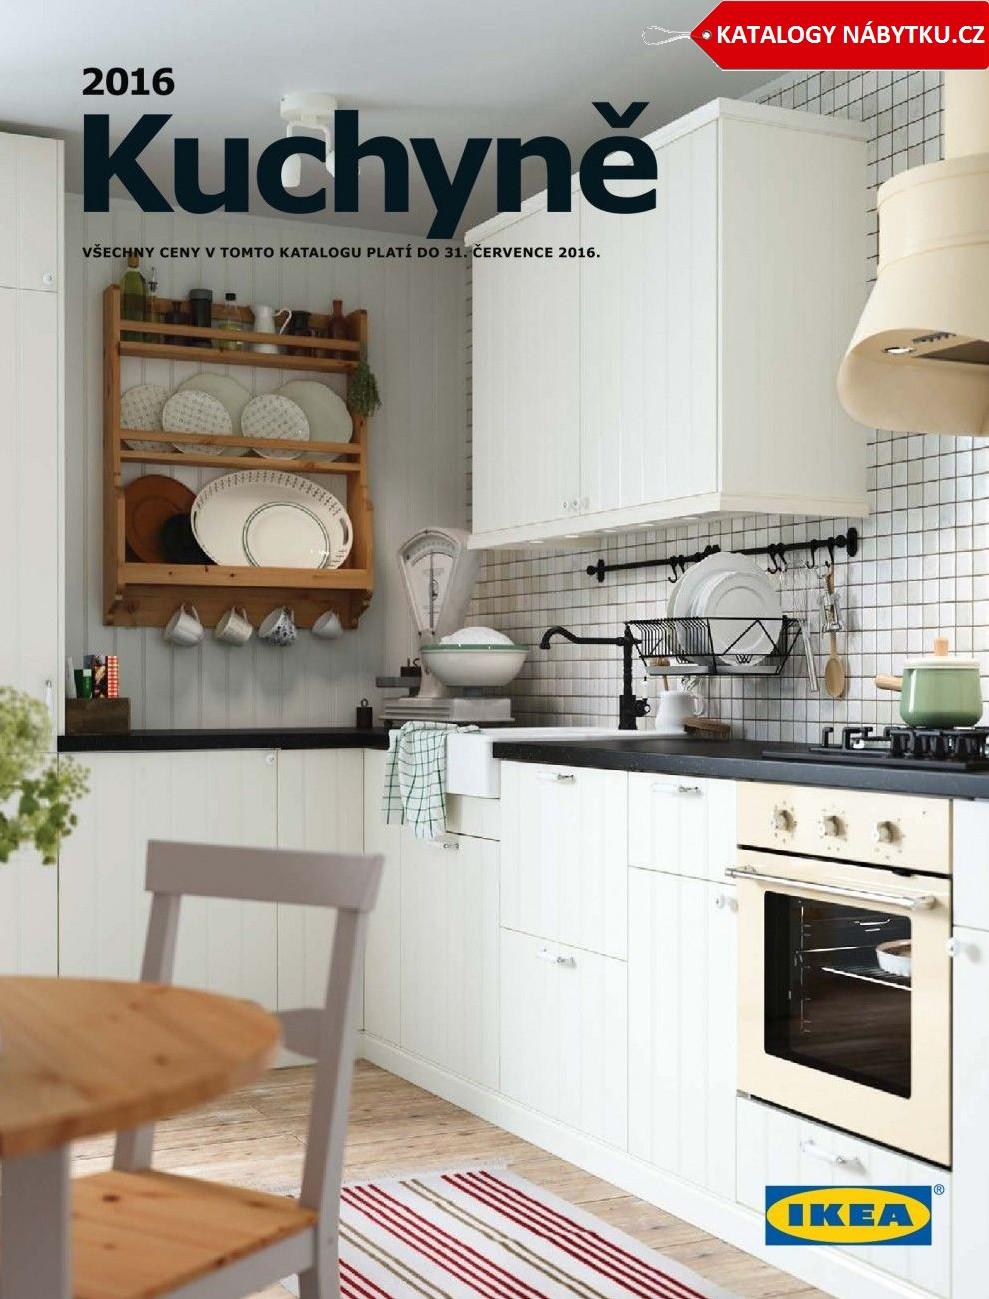 Ikea kuchyně katalog